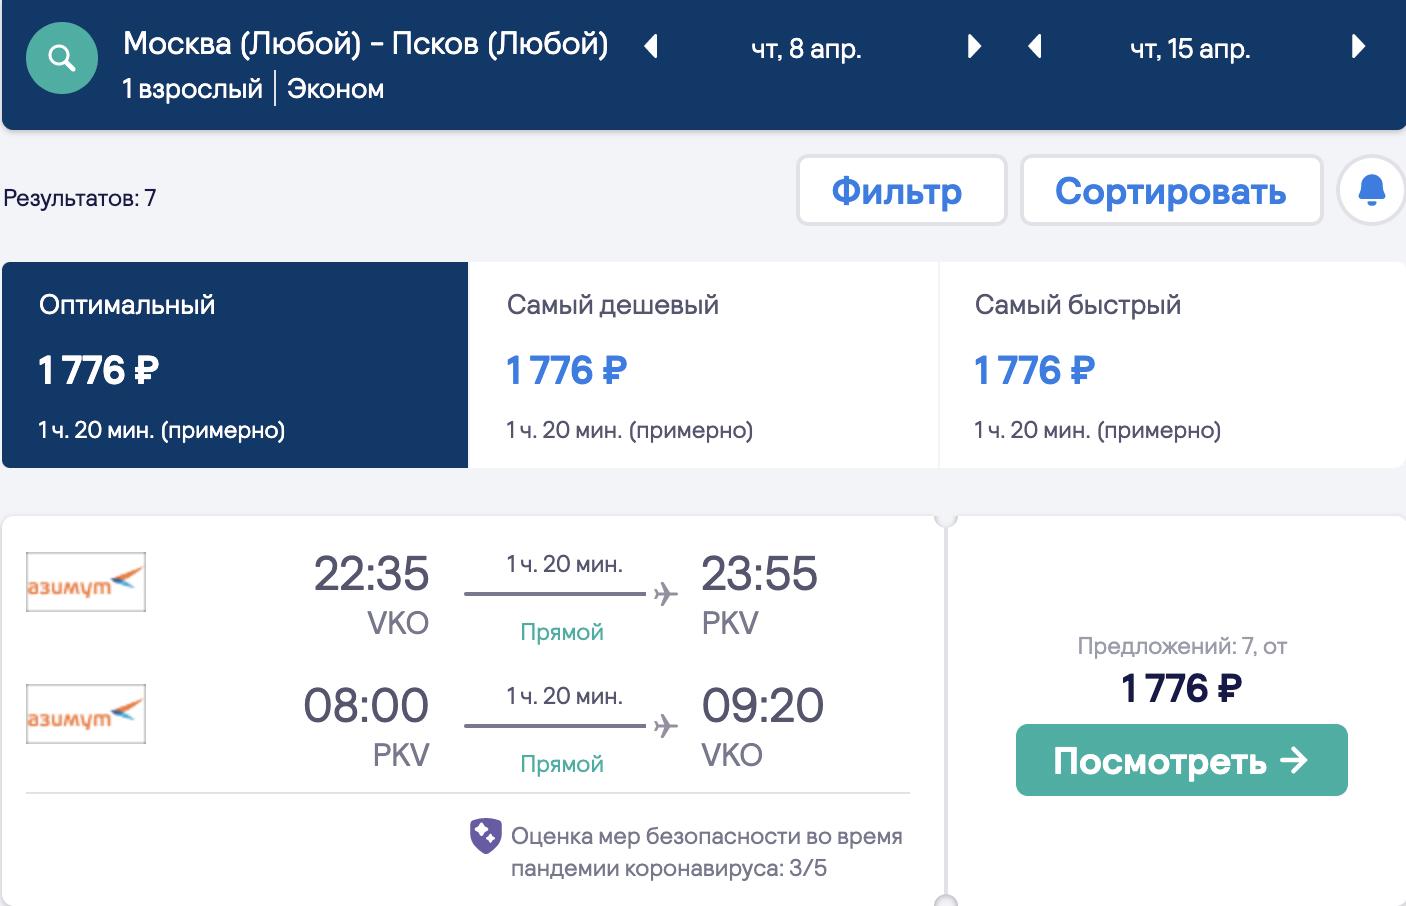 Маршрут на века: из Мск в Псков за 1800₽ туда-обратно в апреле